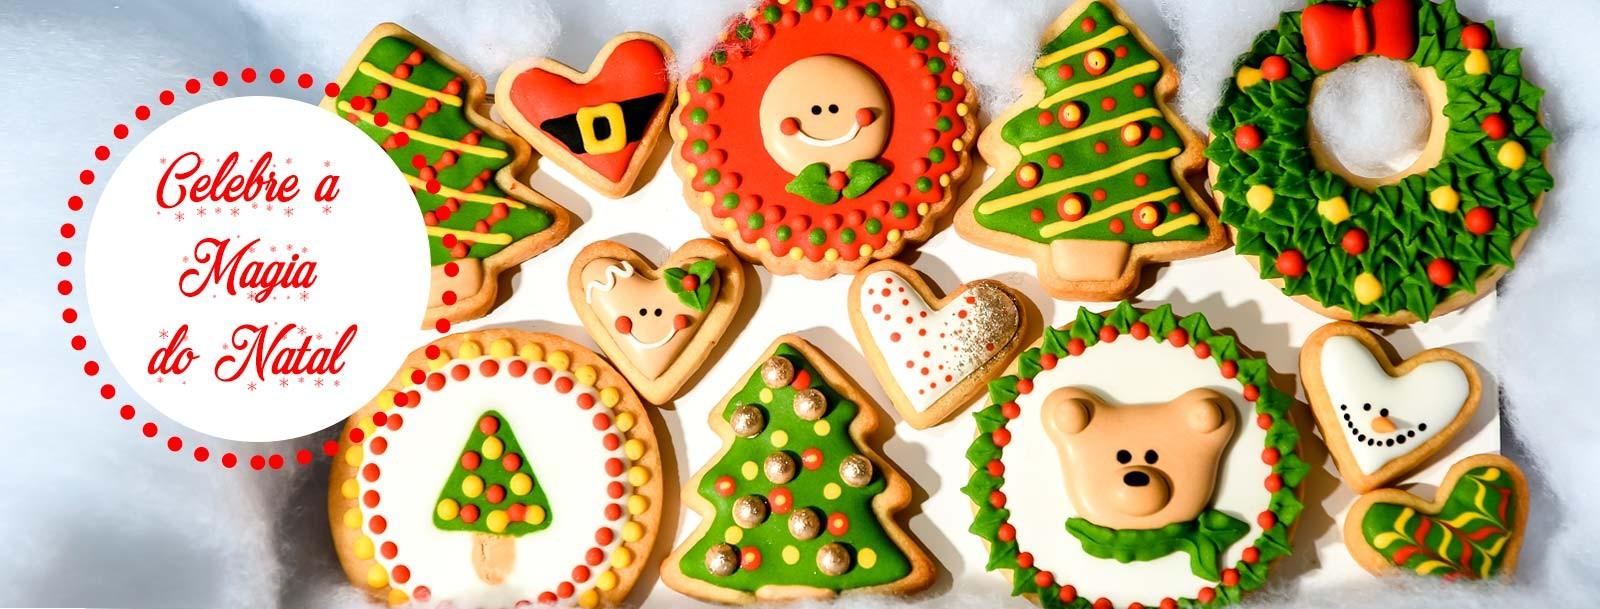 Artigos de Natal Cake Design